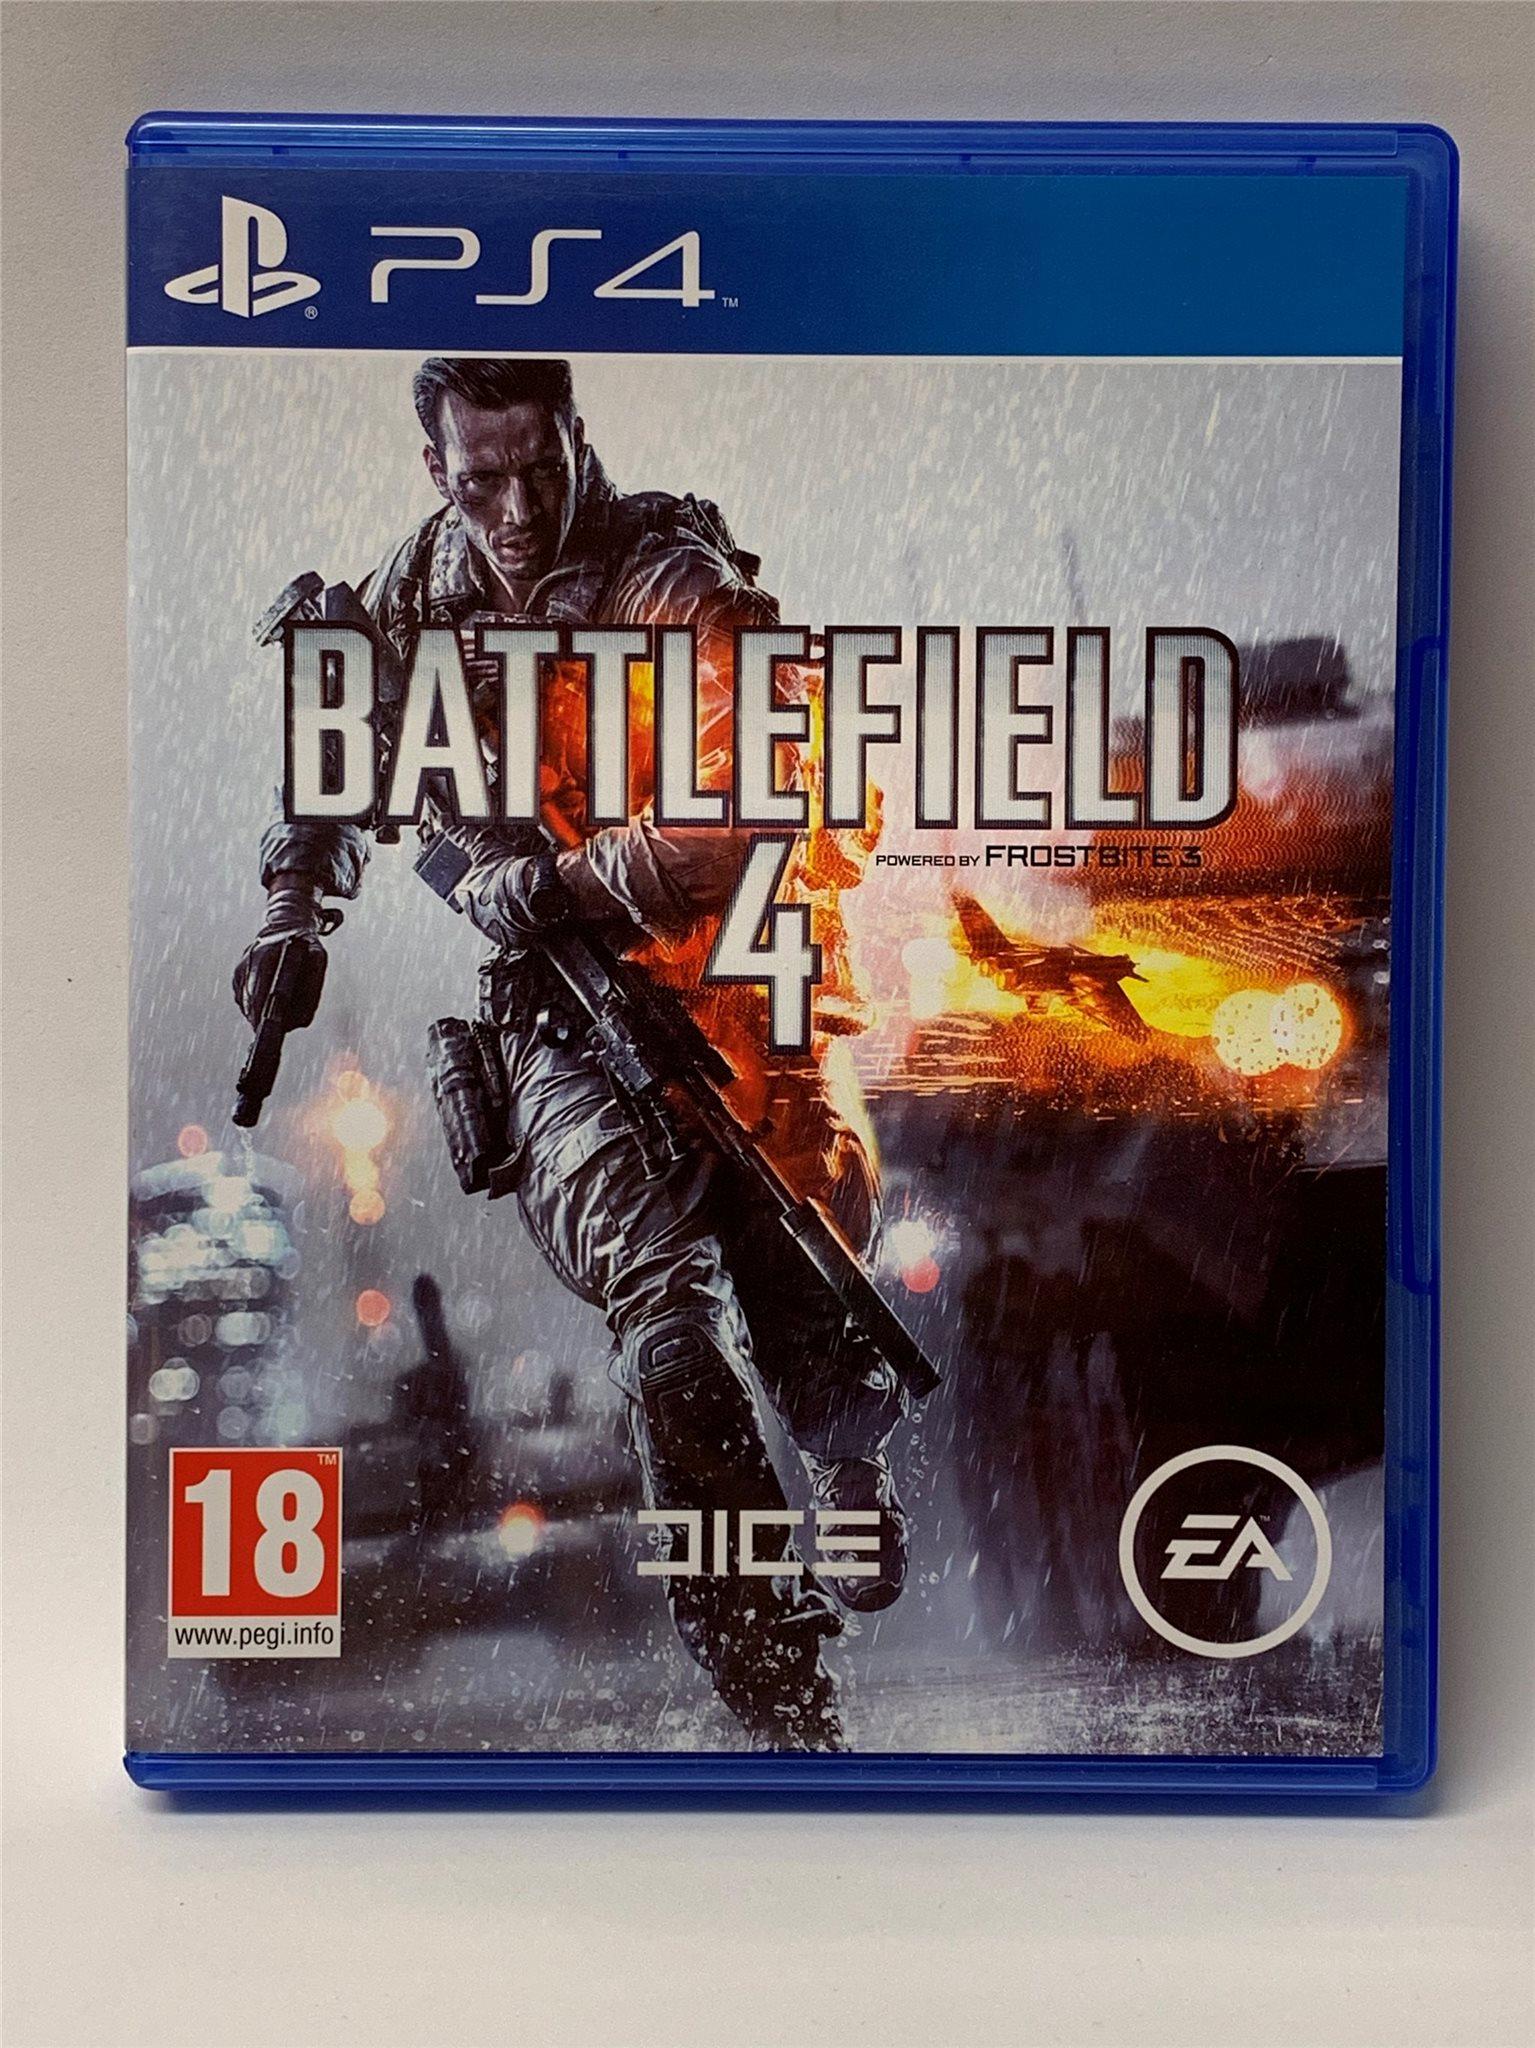 köp battlefield 4